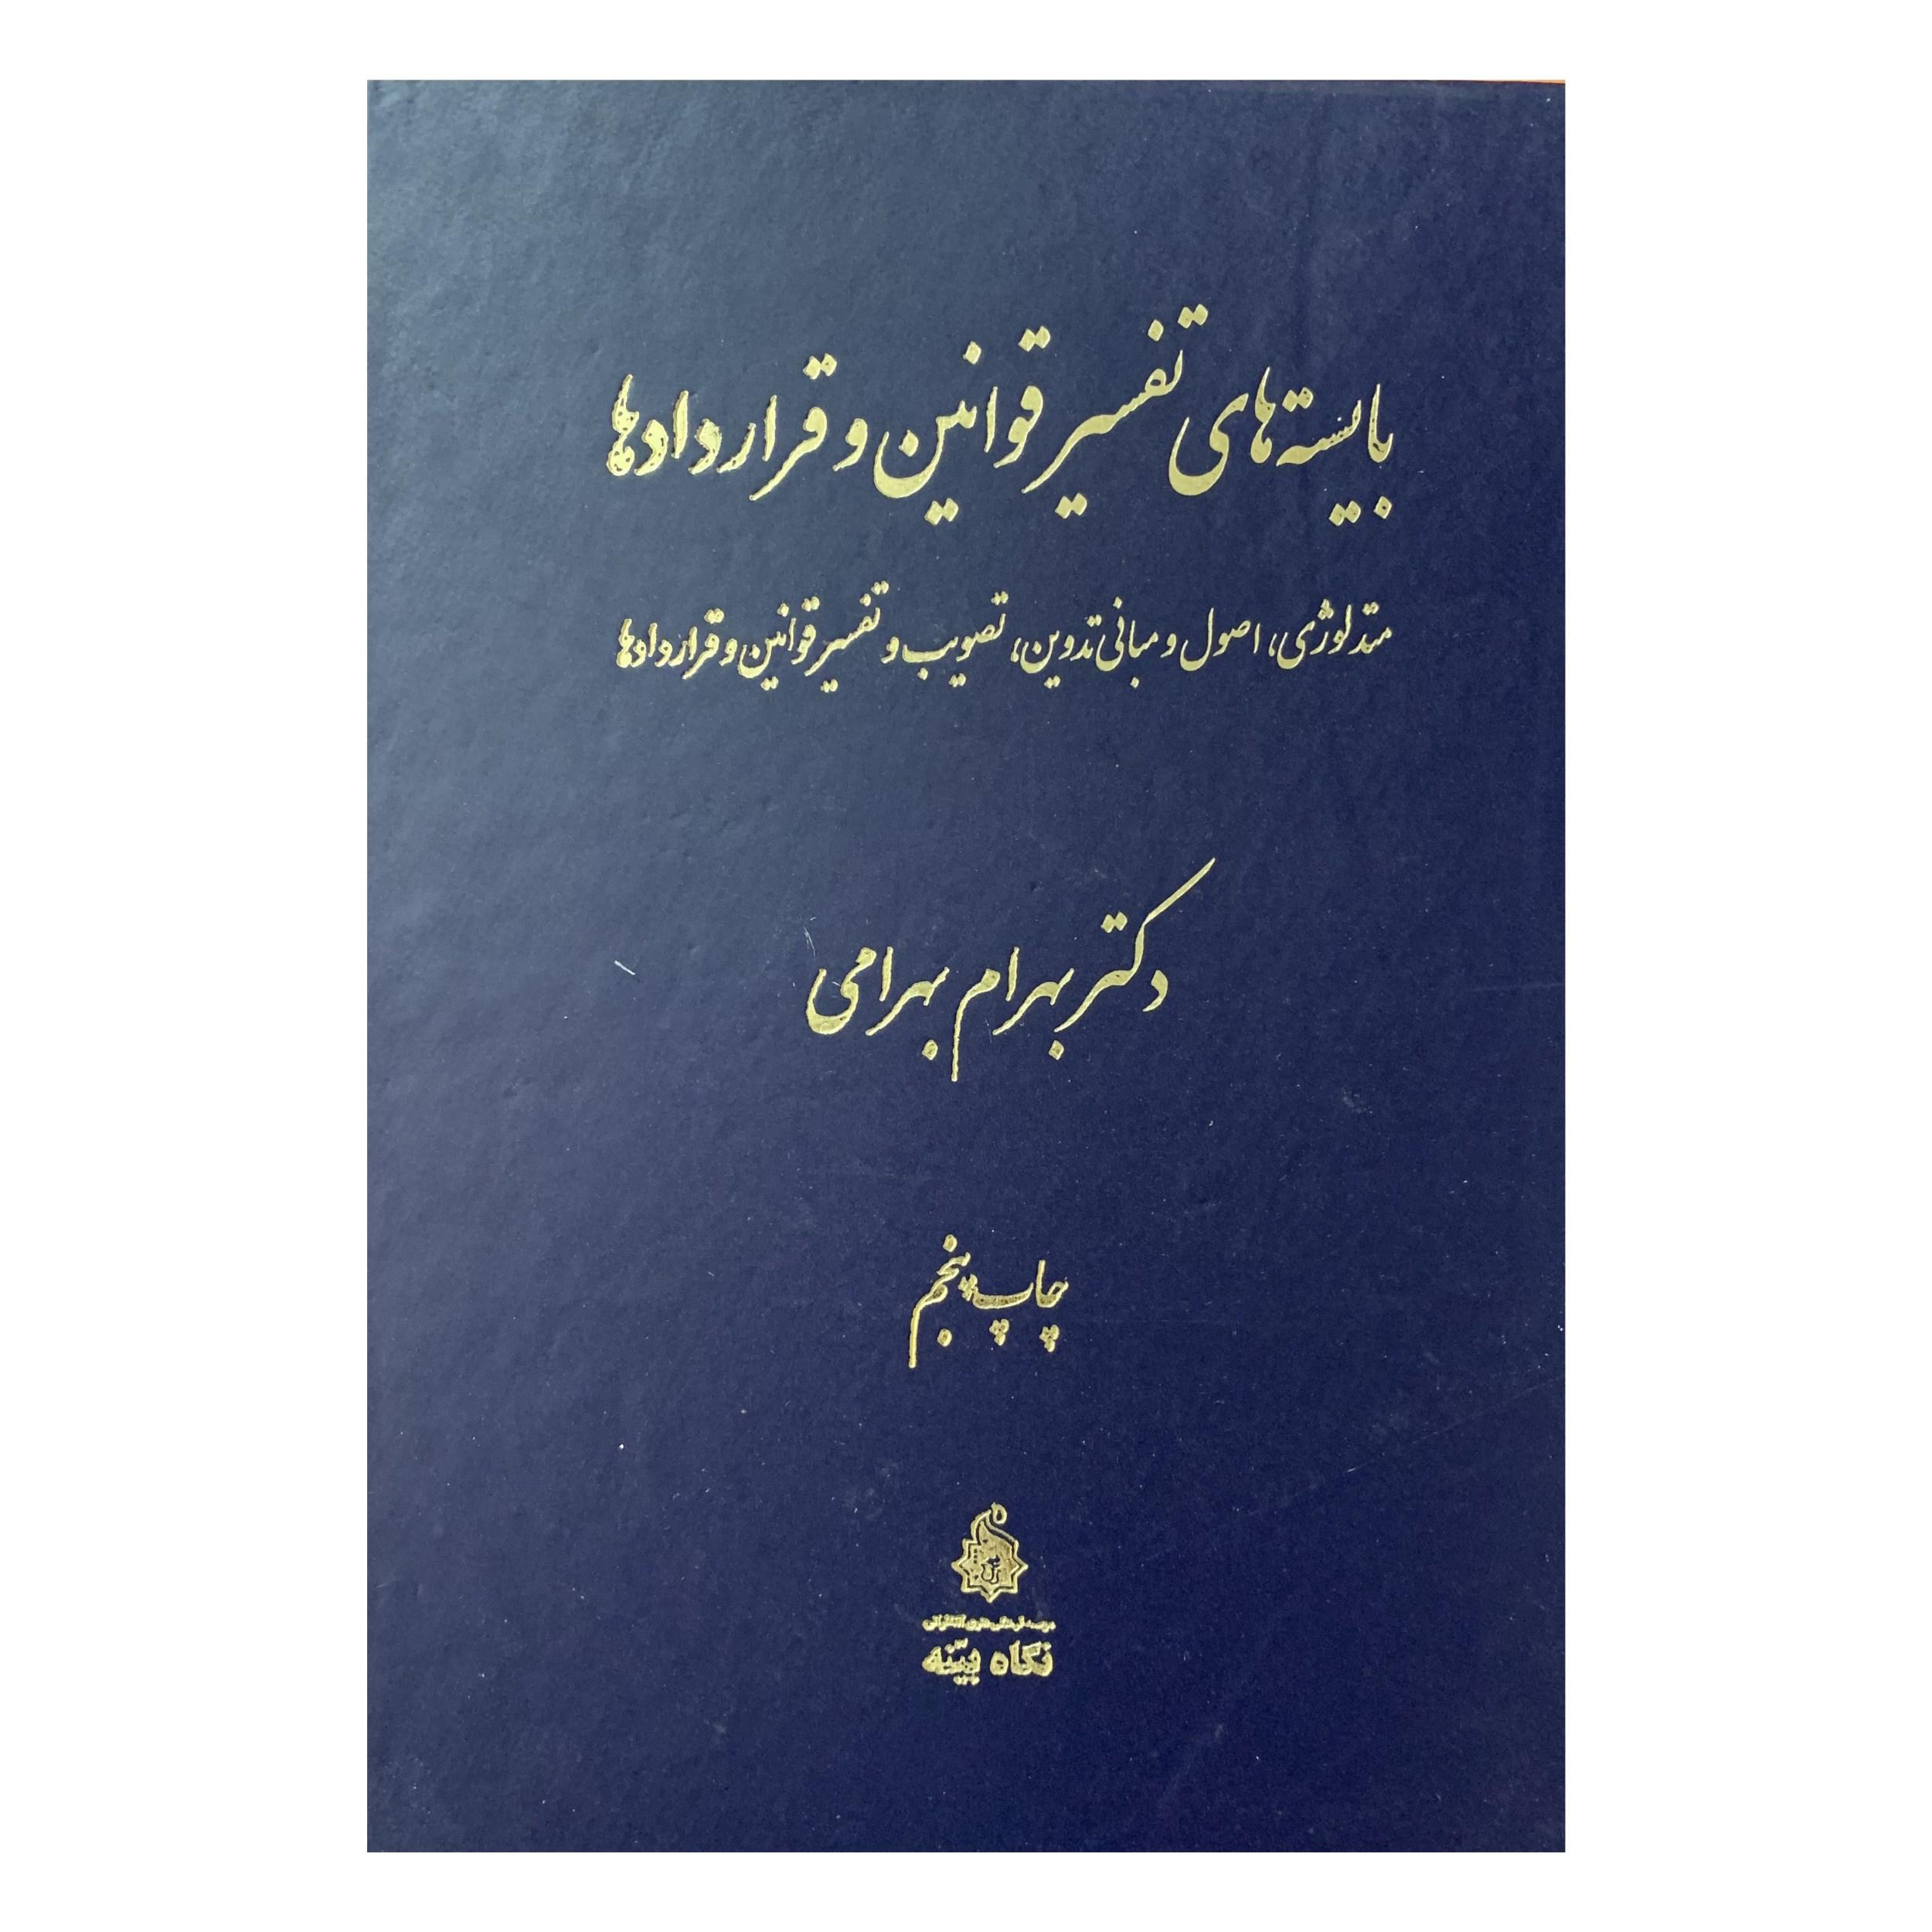 کتاب بایسته های تفسیر قوانین و قراردادها اثر دکتر بهرام بهرامی انتشارات نگاه بینه